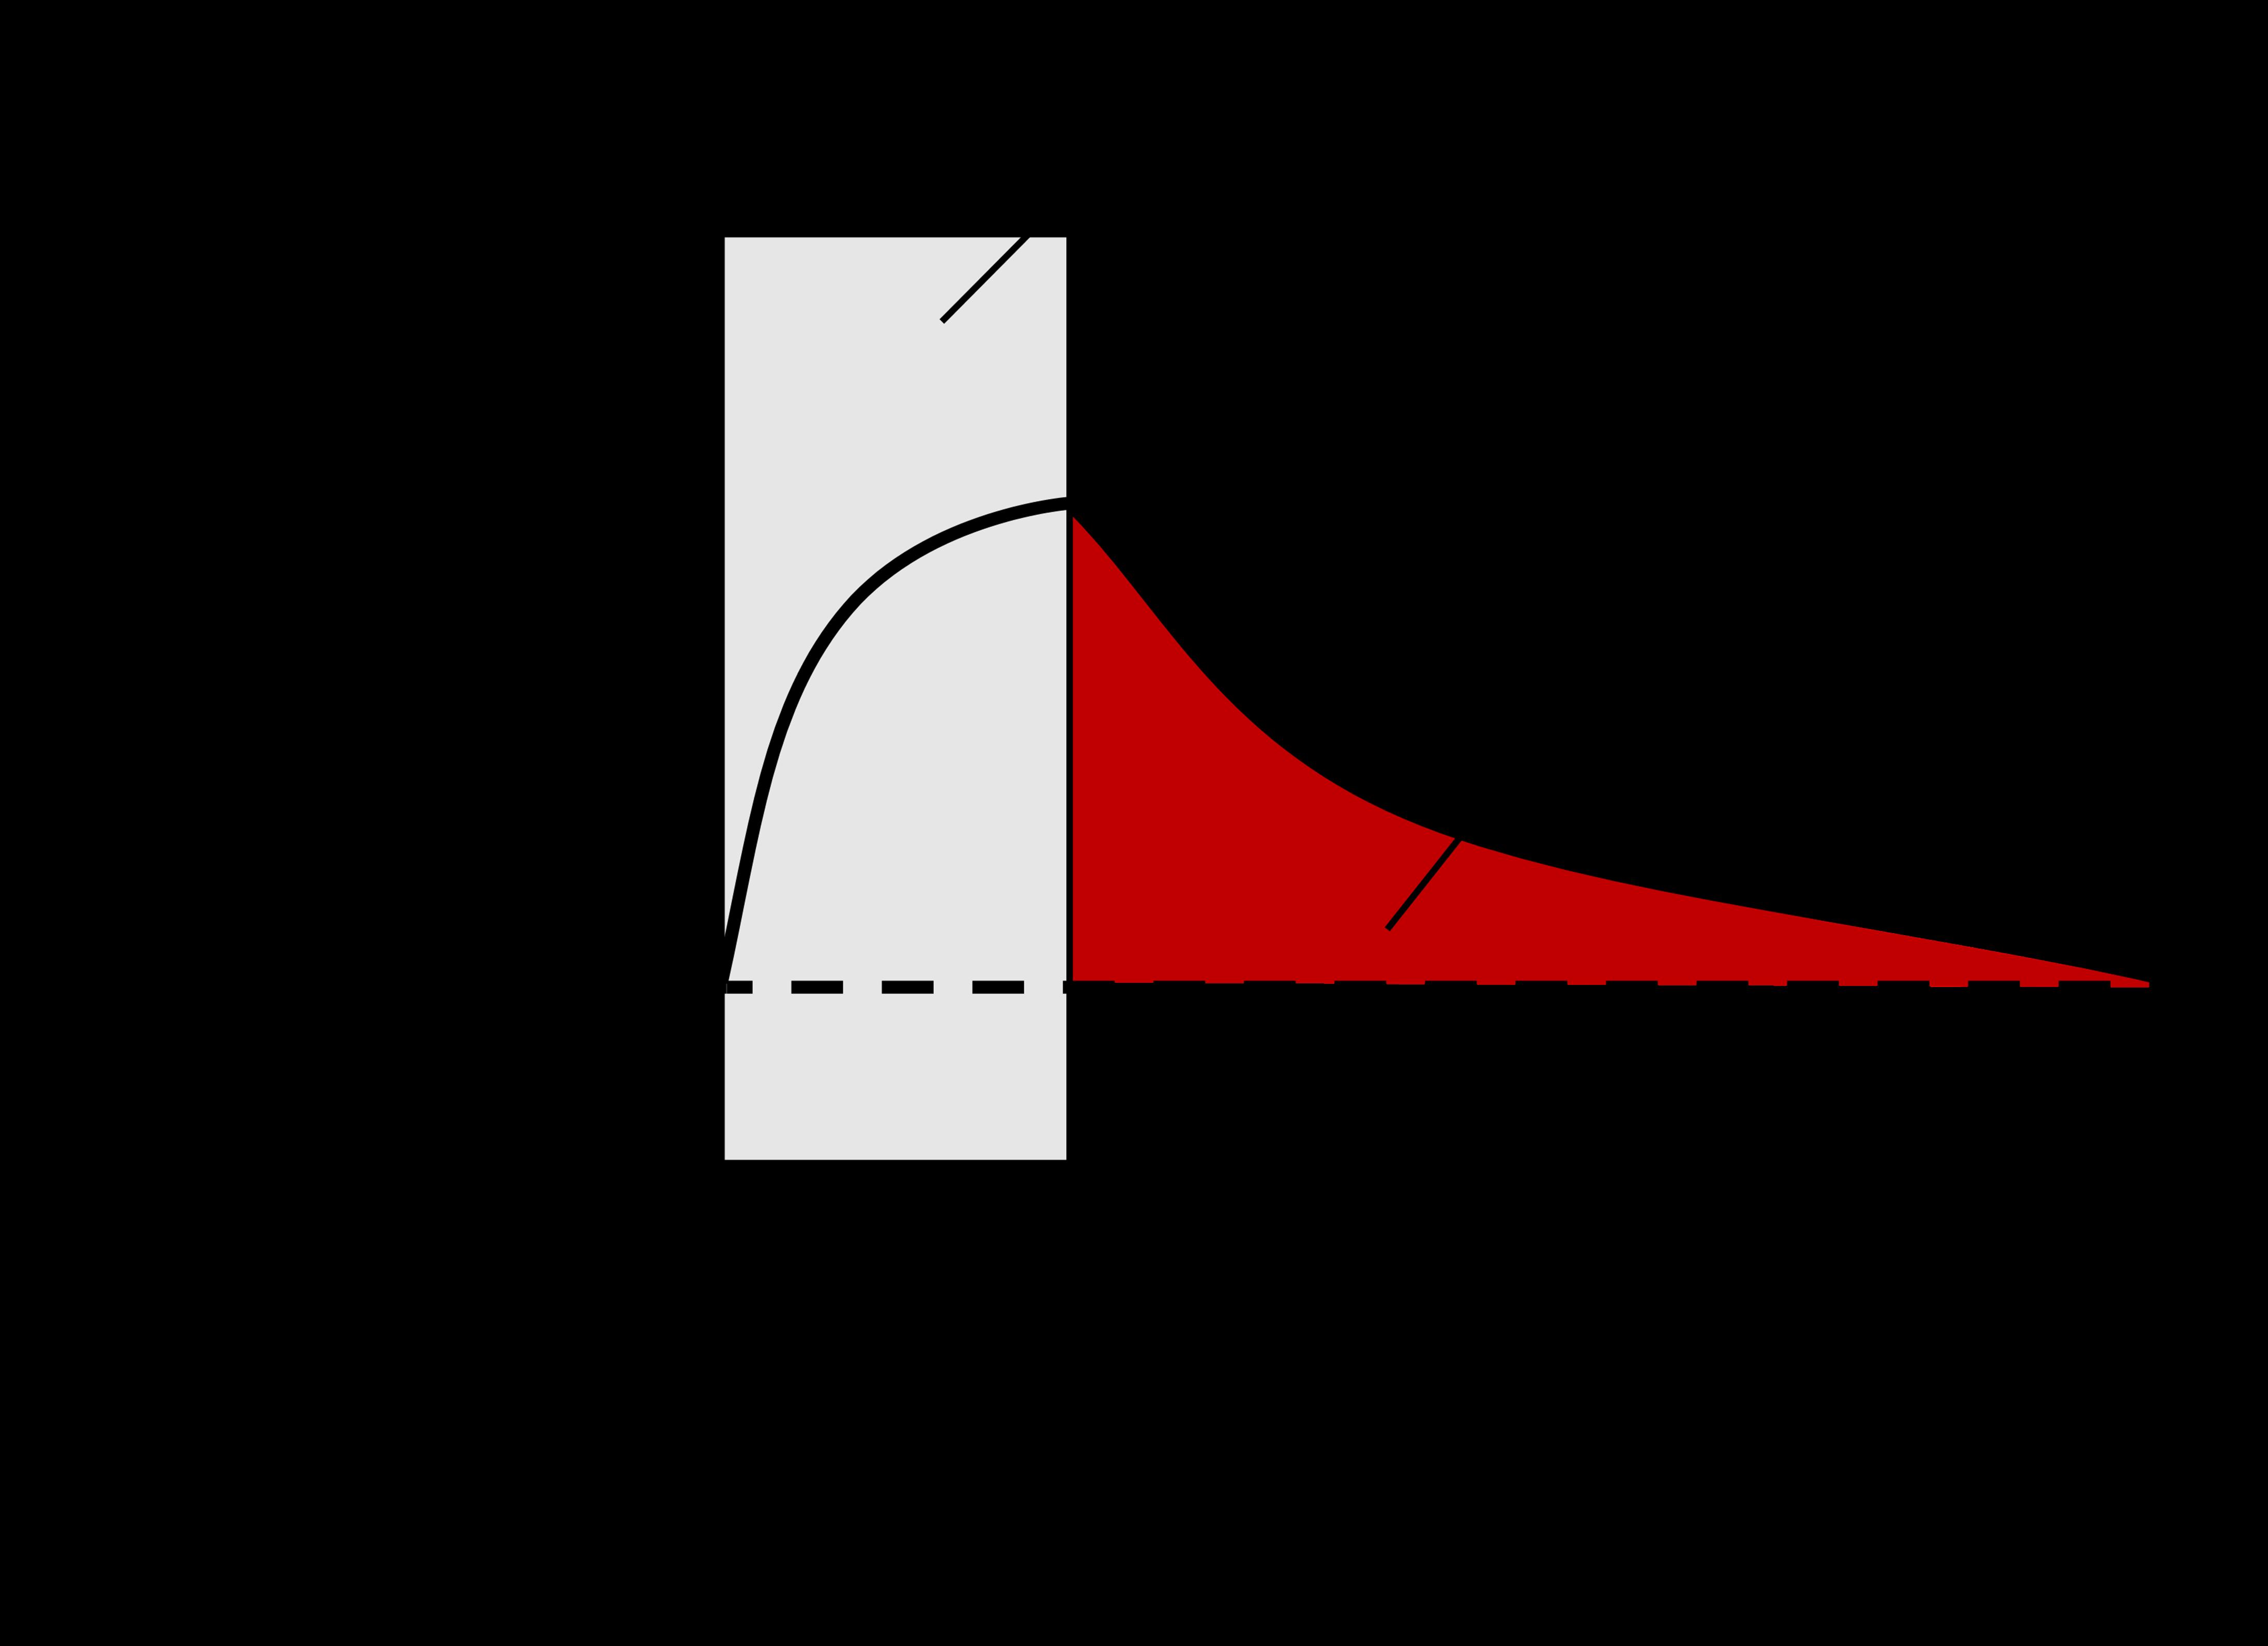 図1. 高強度運動中のエネルギー代謝